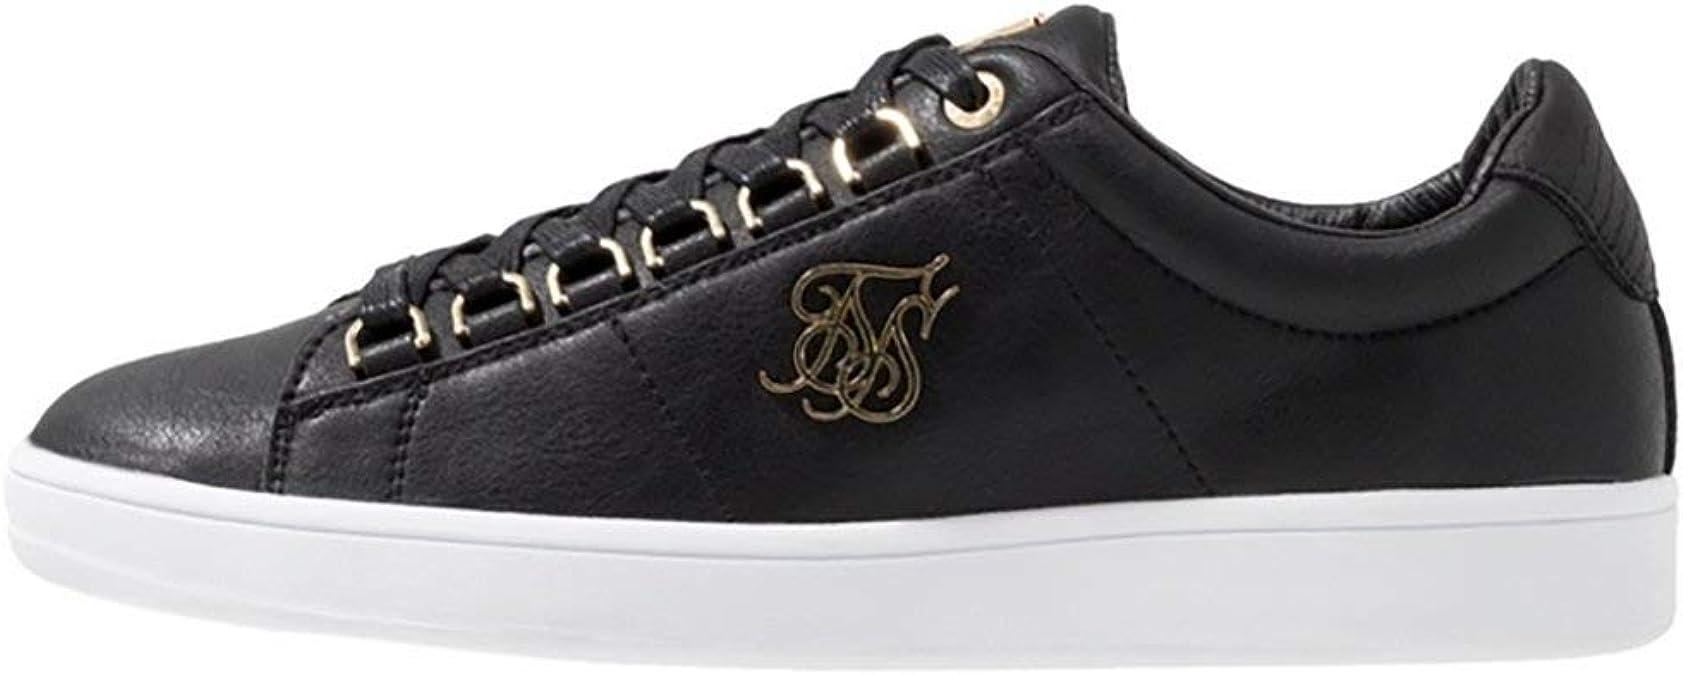 Zapatillas Siksilk Prestige Negro y Oro: Amazon.es: Zapatos y complementos